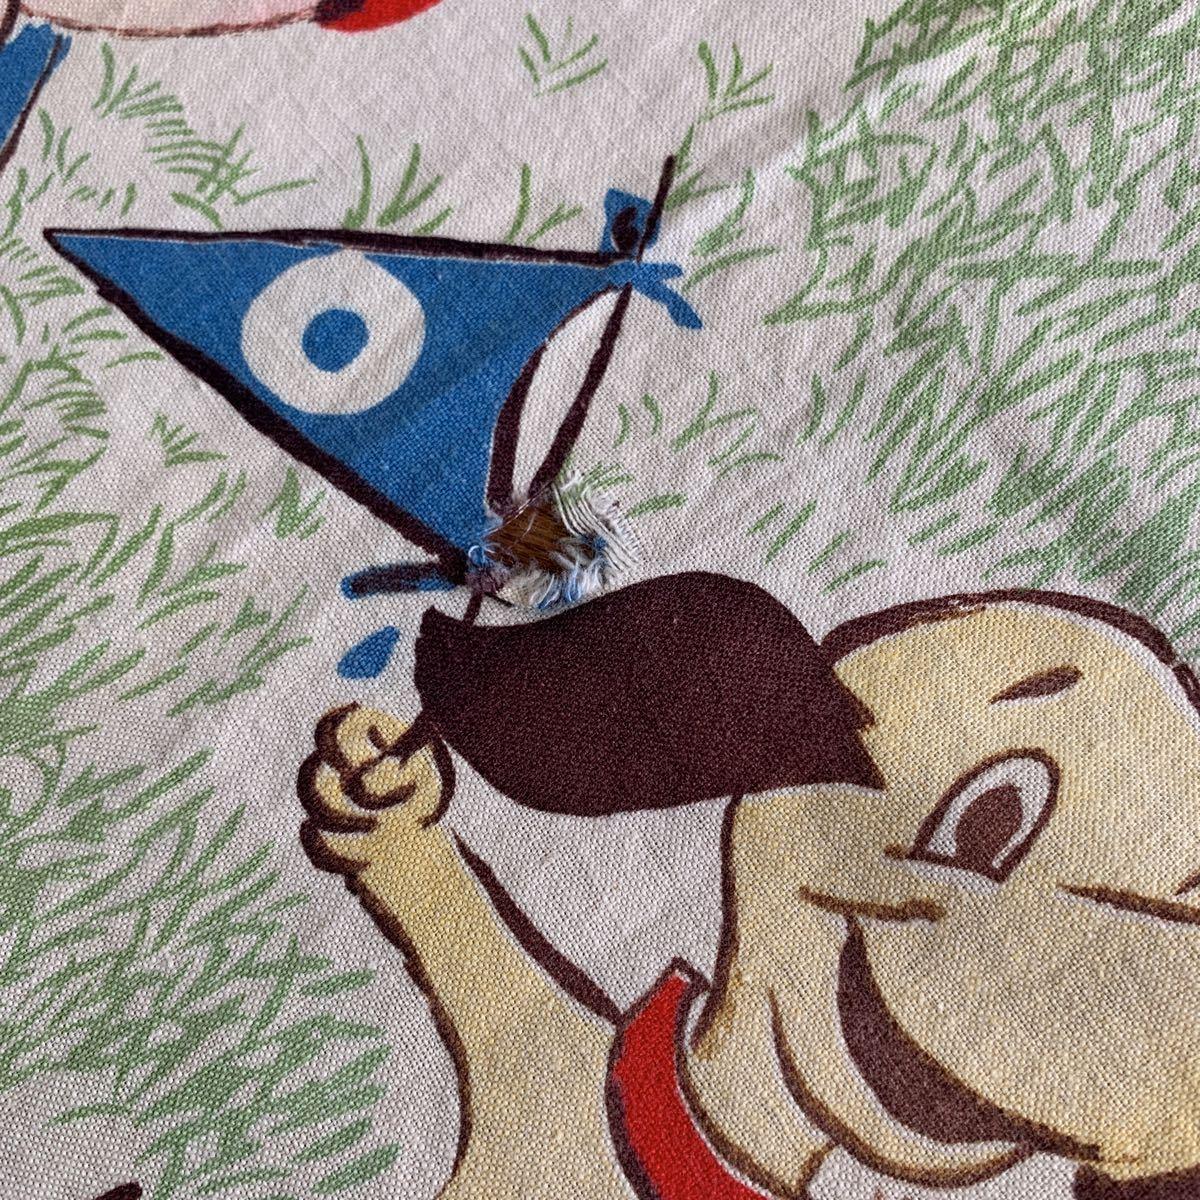 70's アメリカンフットボール柄 アメフト カーテン USED ヴィンテージ リメイク 雑貨 古着屋 ハンドメイド アンティーク デッドストック_画像2